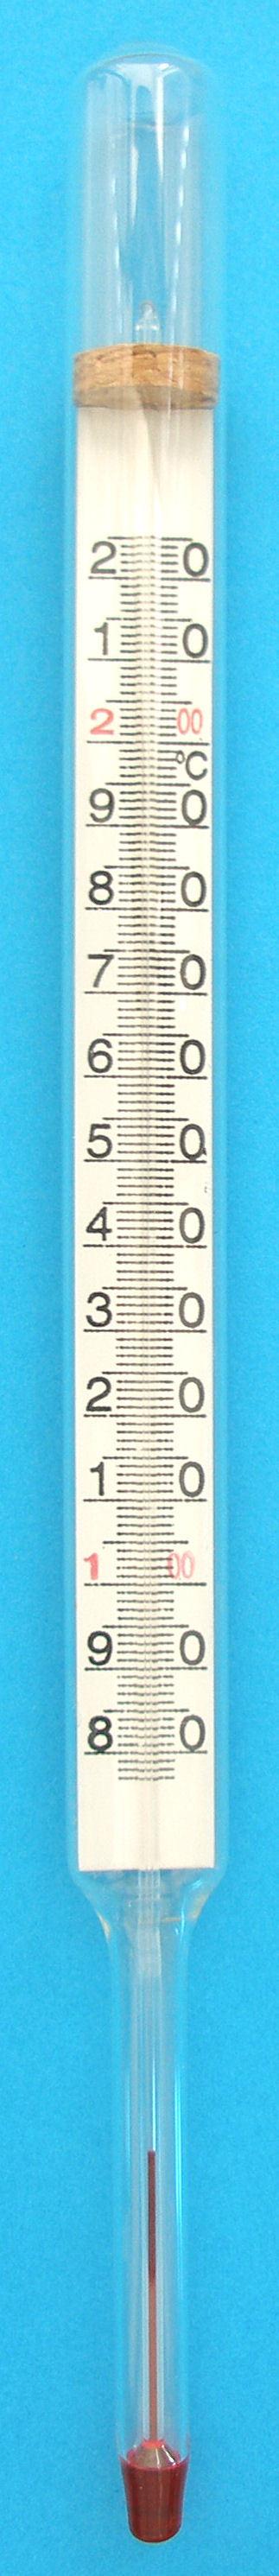 141020.jpg